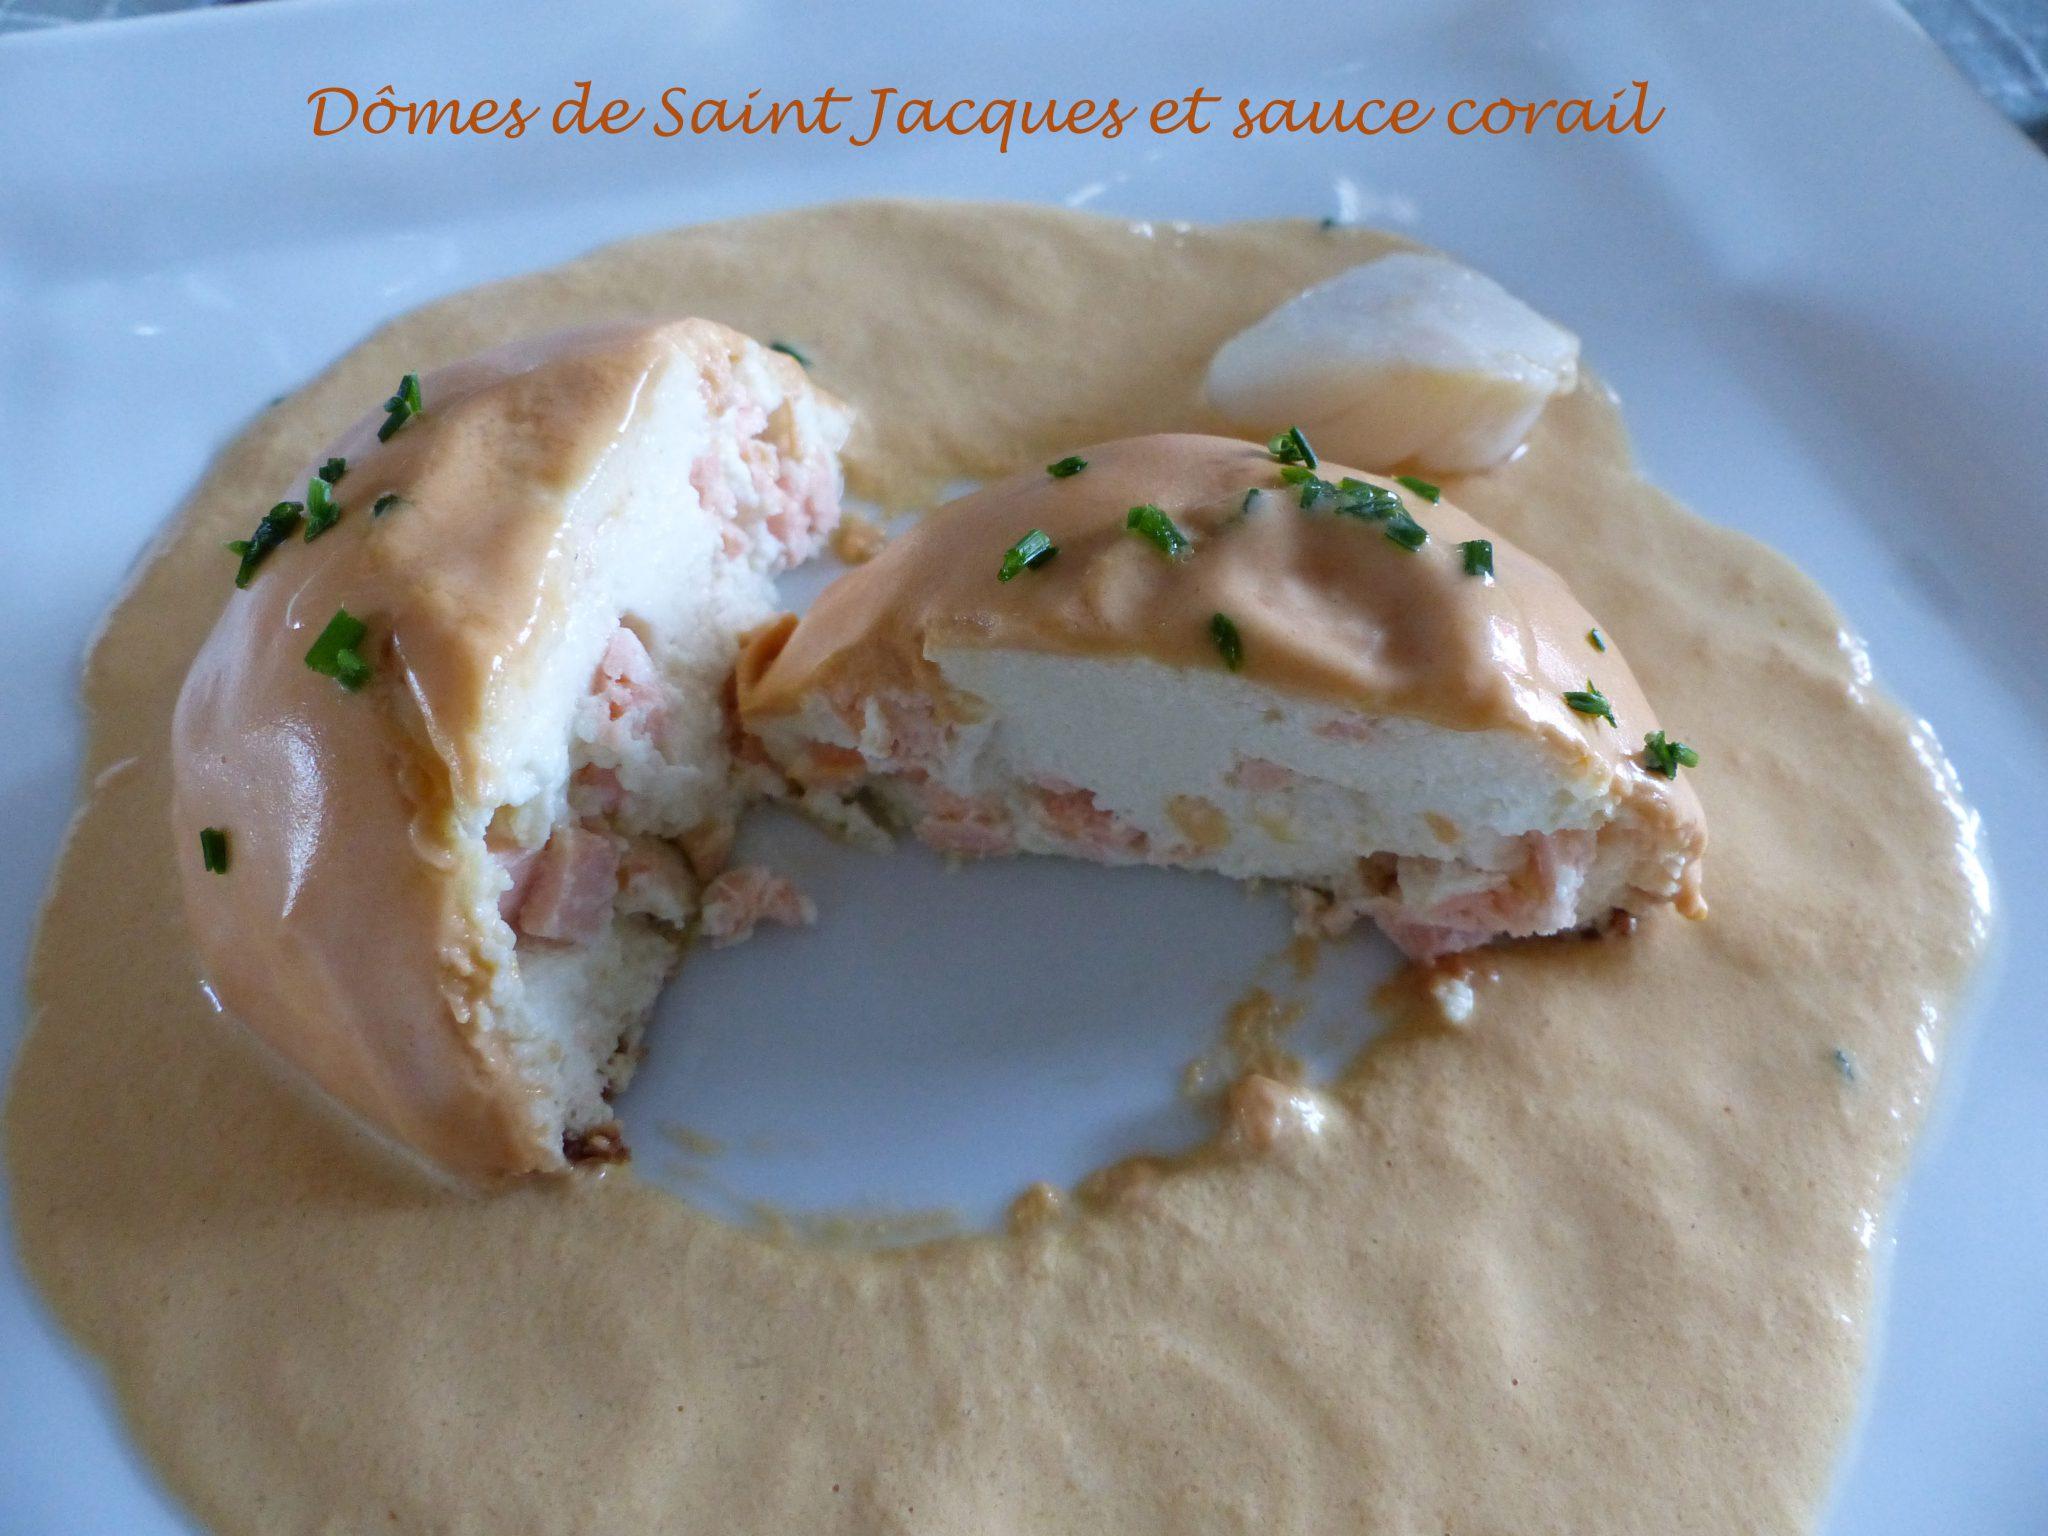 Dômes de Saint Jacques et sauce corail P1060810 R